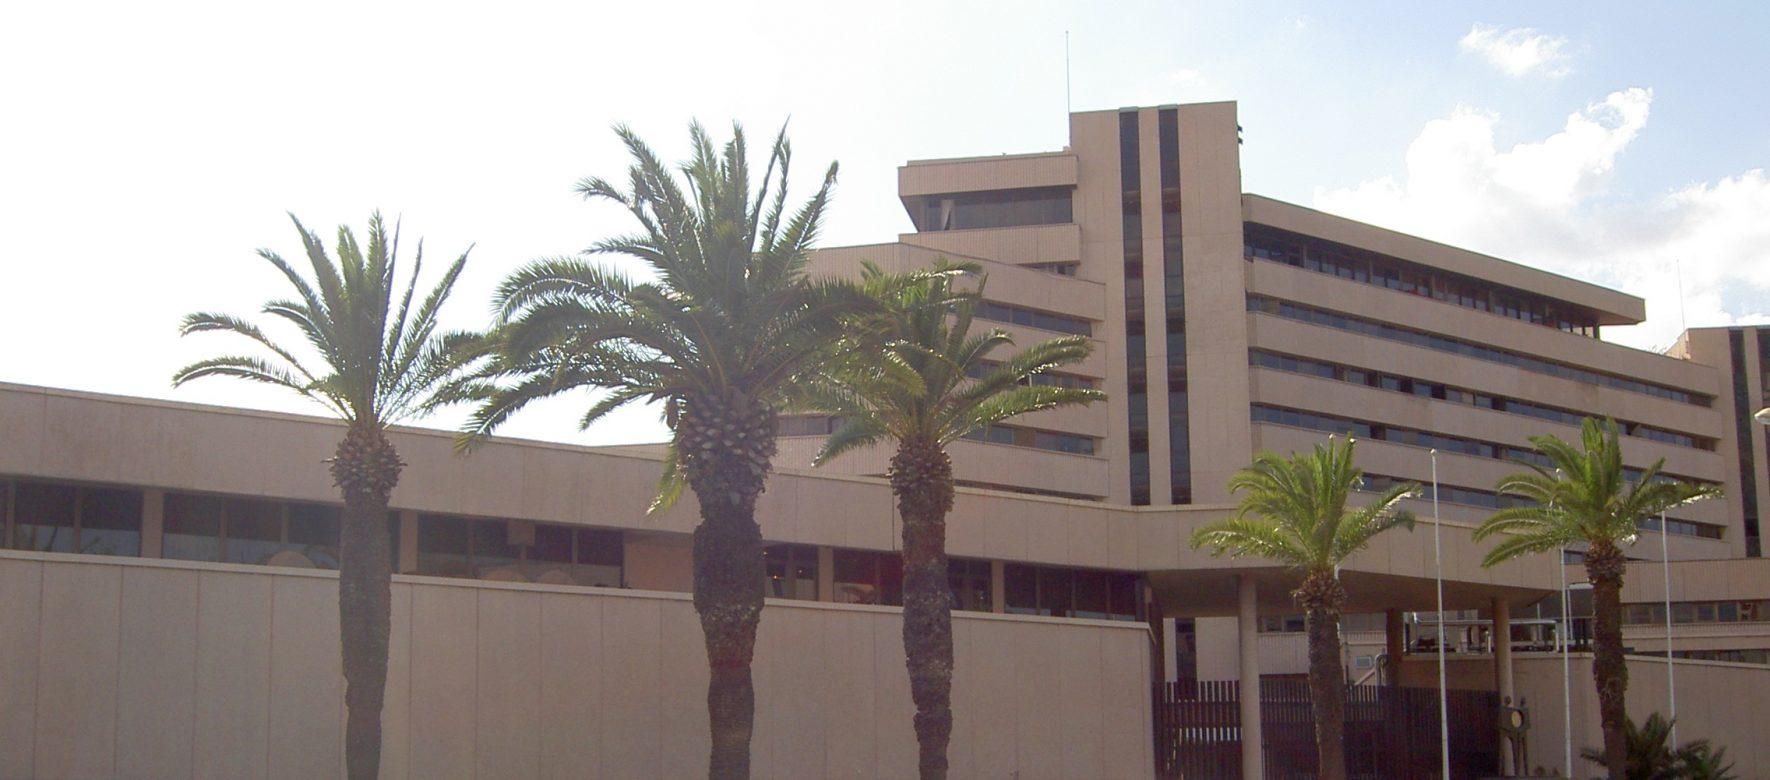 La Tunisie accorde à ses entreprises de pouvoir se financer auprès de sources extérieures et renforce son aide aux TPE